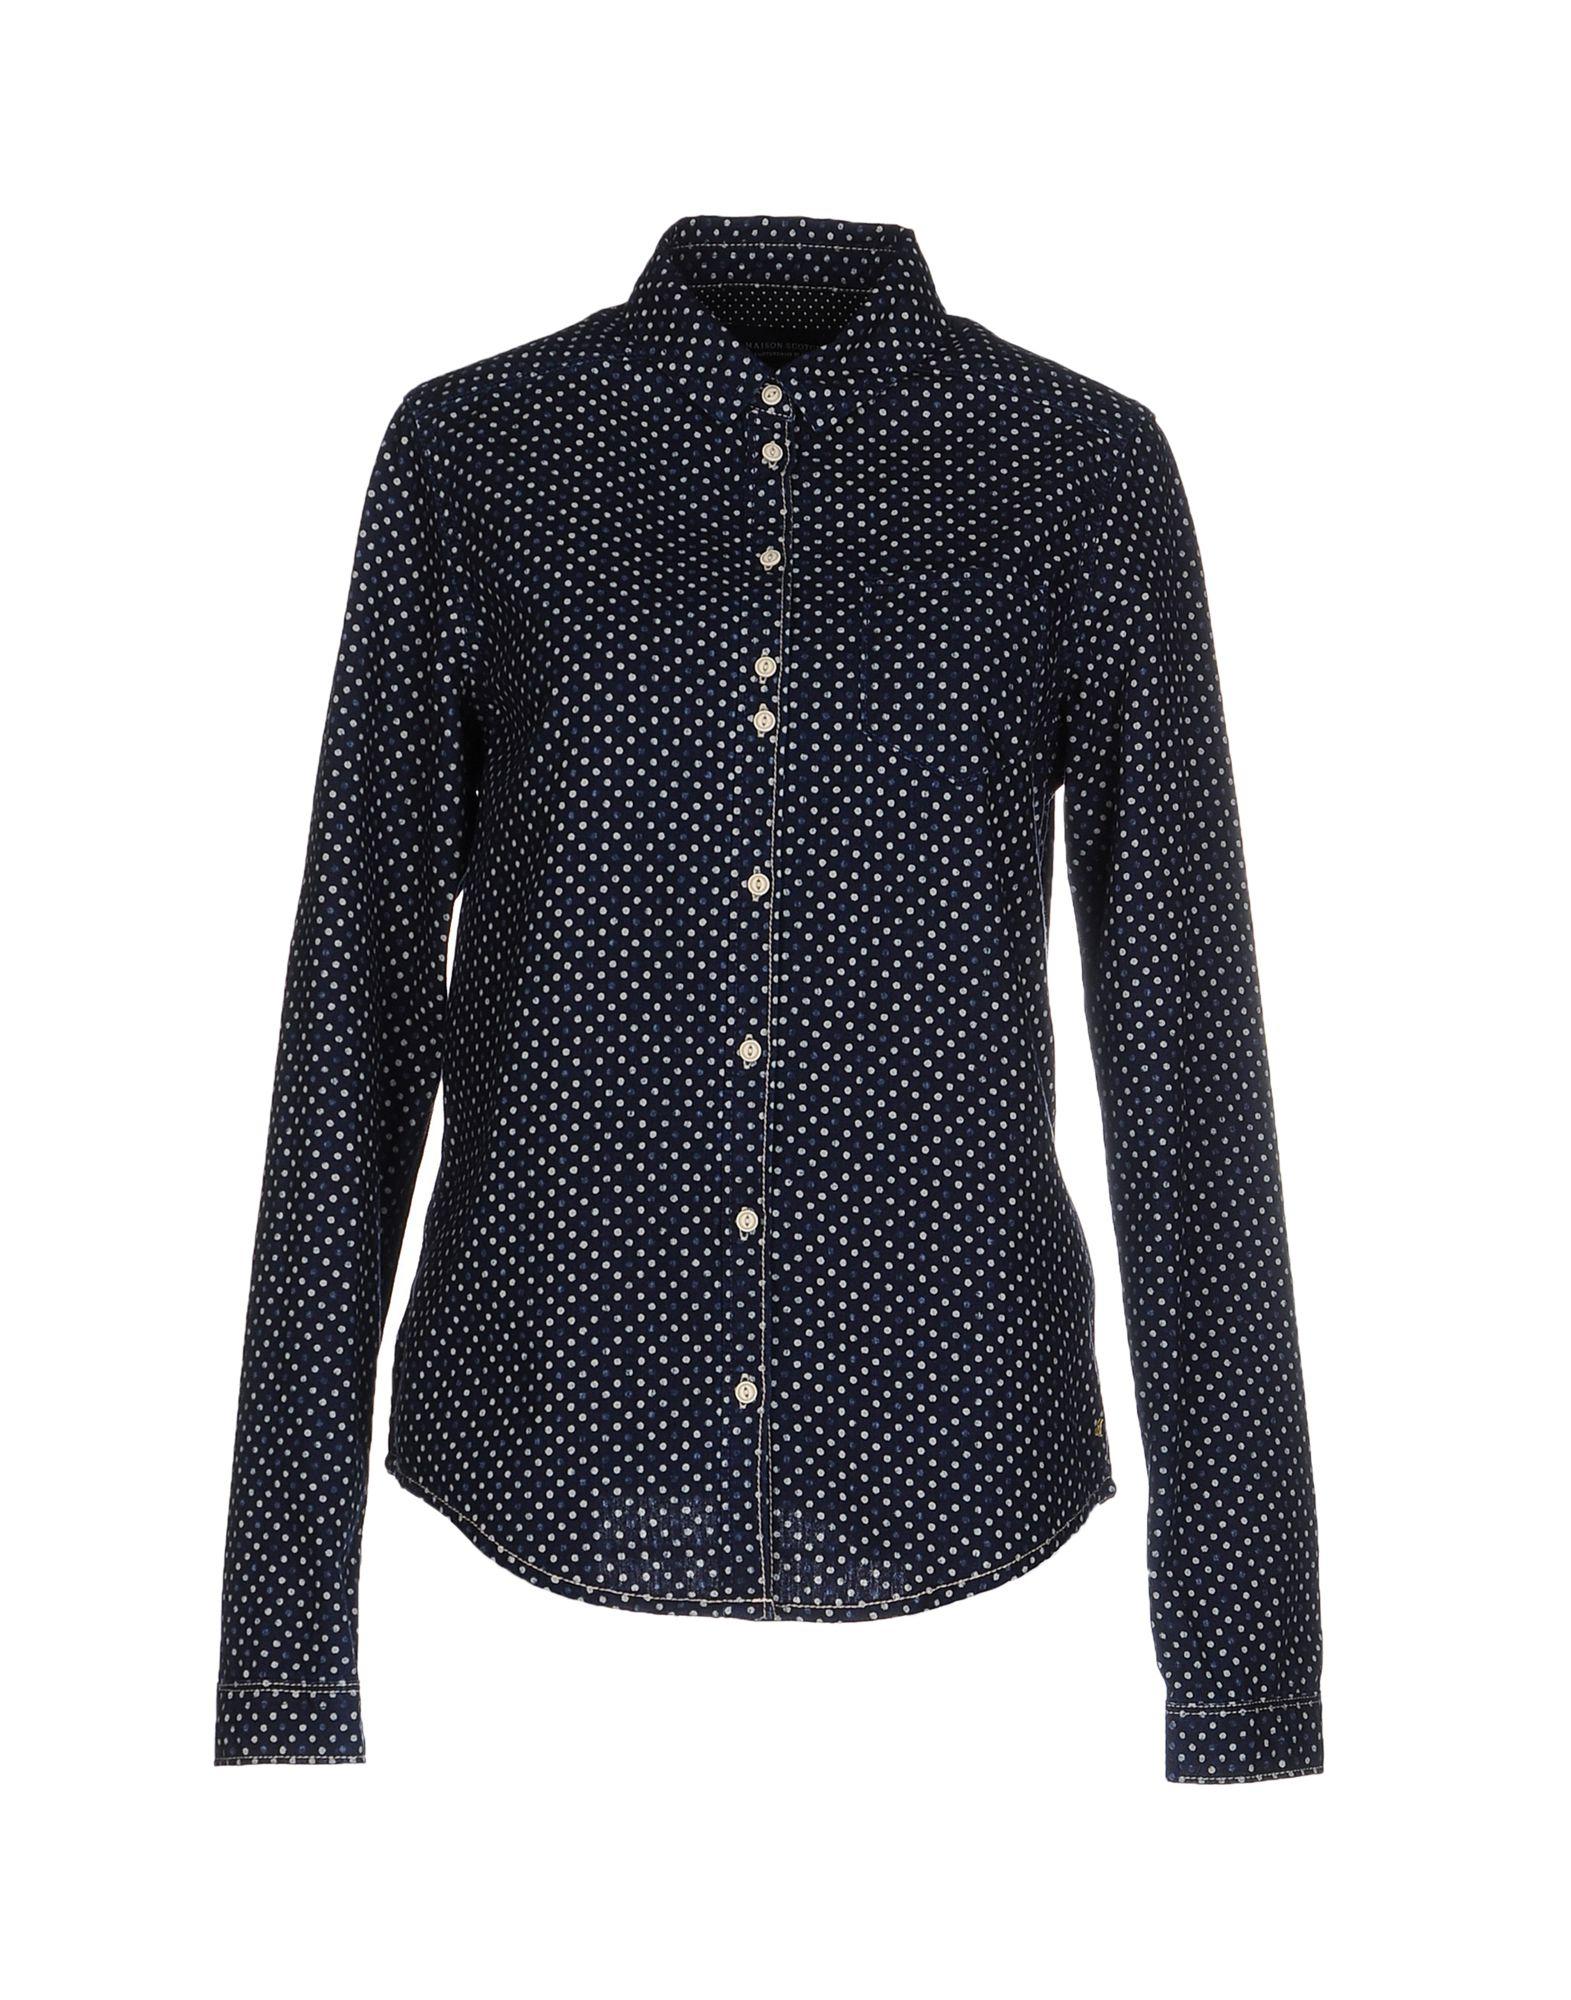 MAISON SCOTCH Джинсовая рубашка рубашка в мелкий горошек